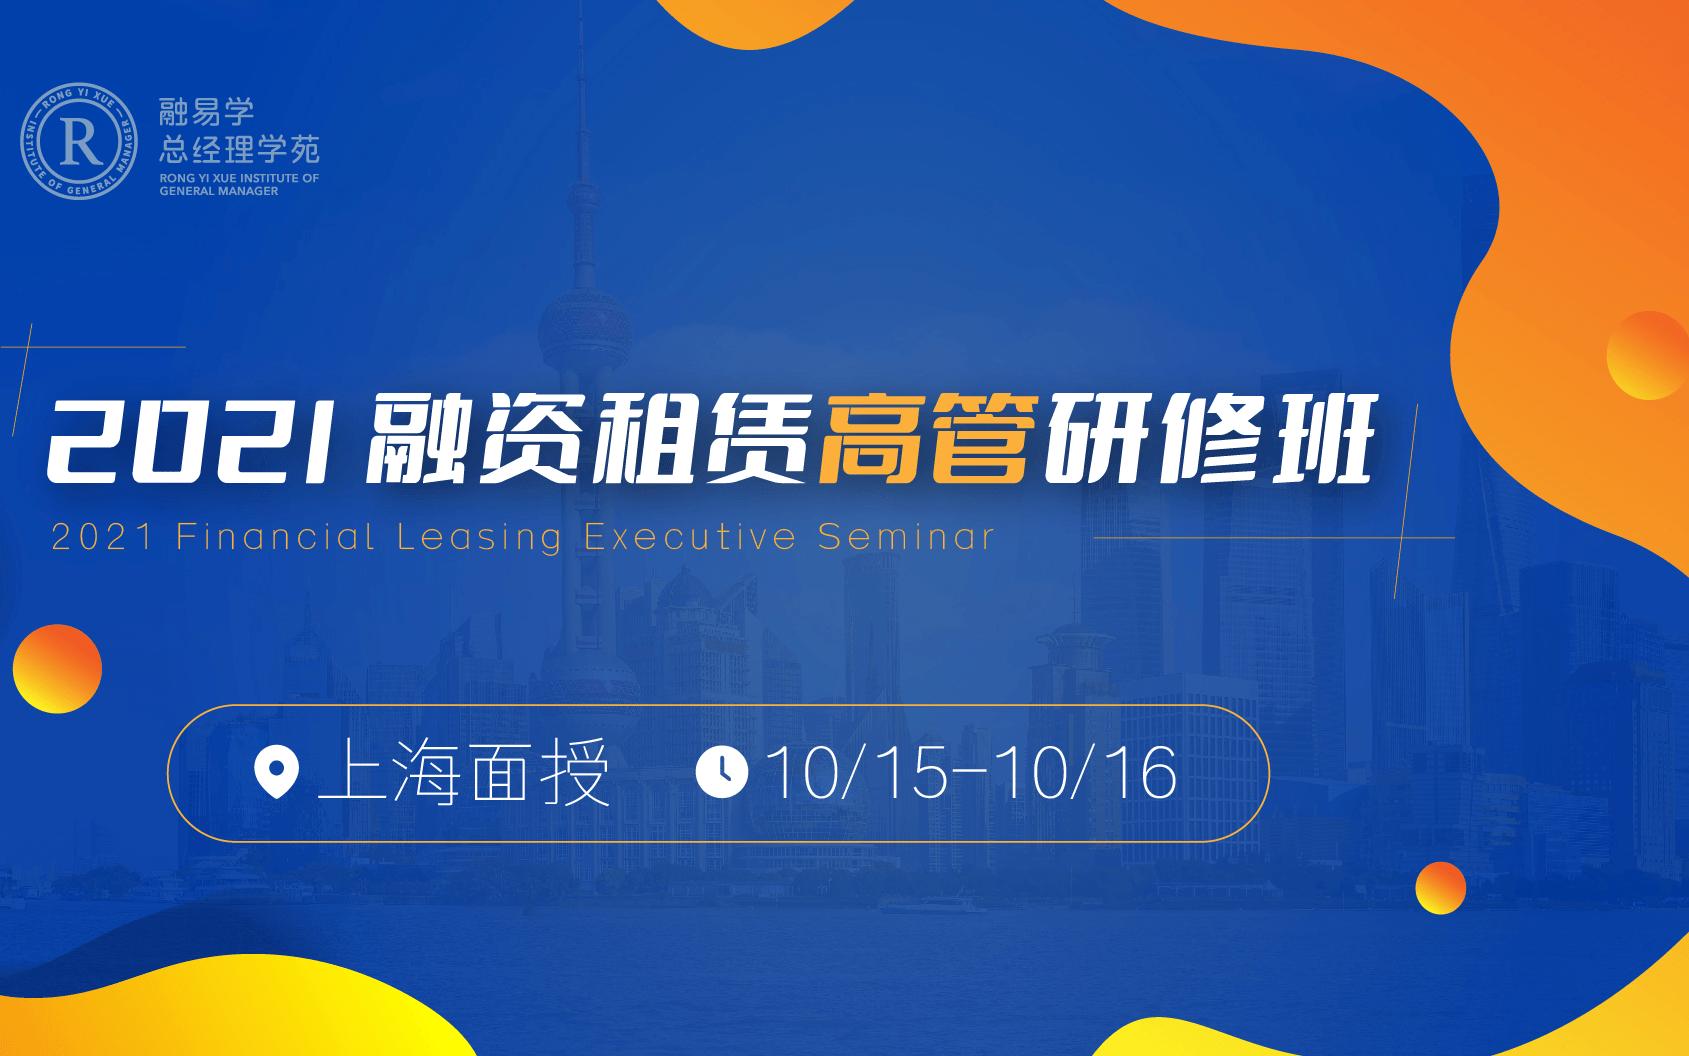 融易學總經理學苑 2021融資租賃高管研修班